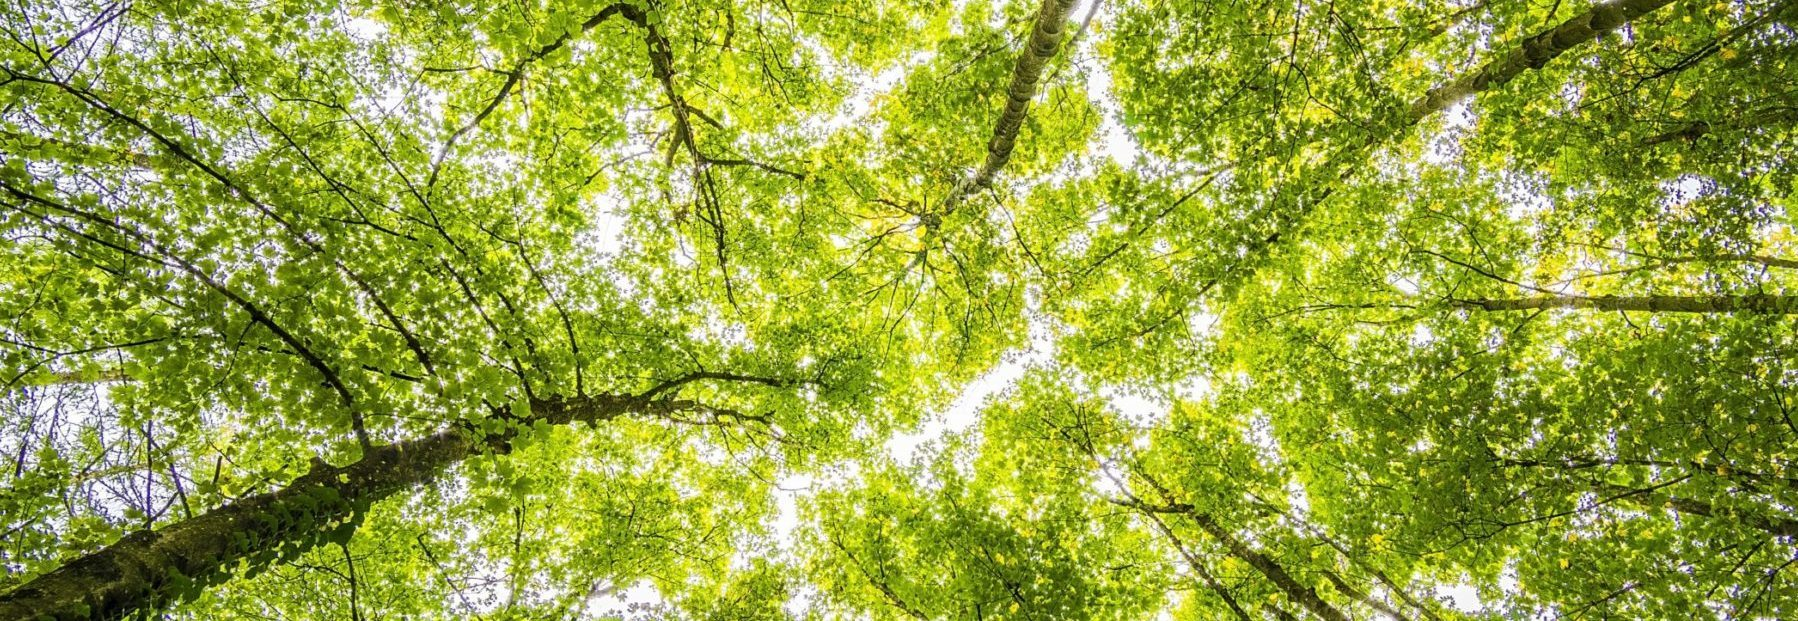 OXIVI | Bureau d'études - Thermique - Qualité de l'air intérieur